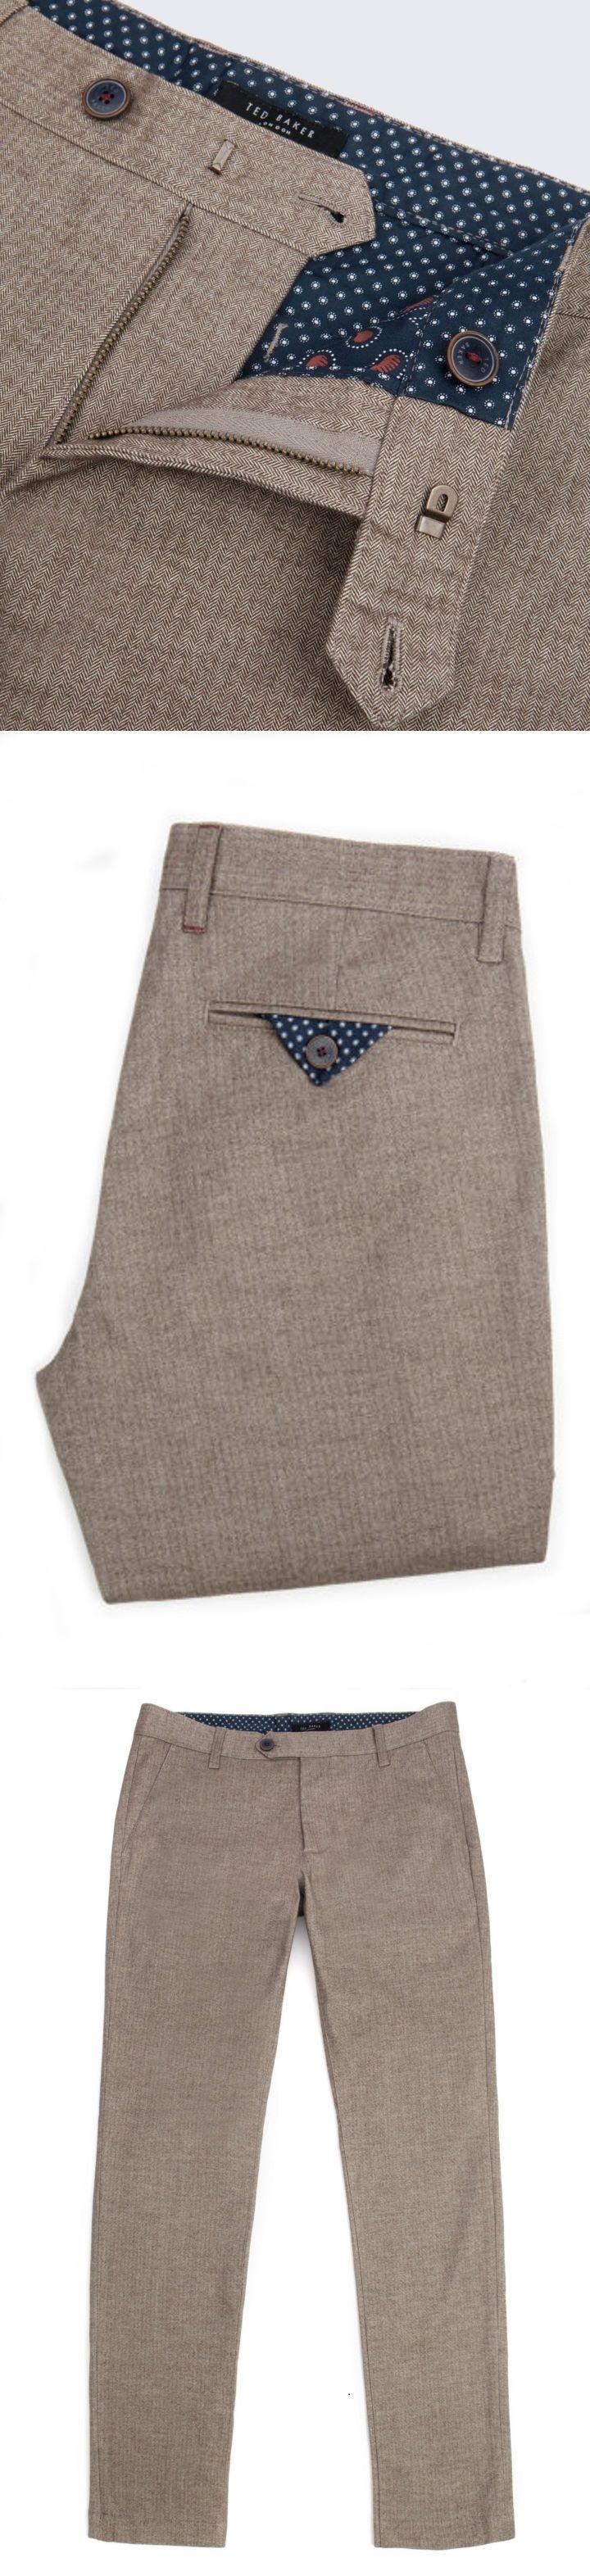 Ted Baker | Deerchi | Slim Fit | Herringbone Trousers.